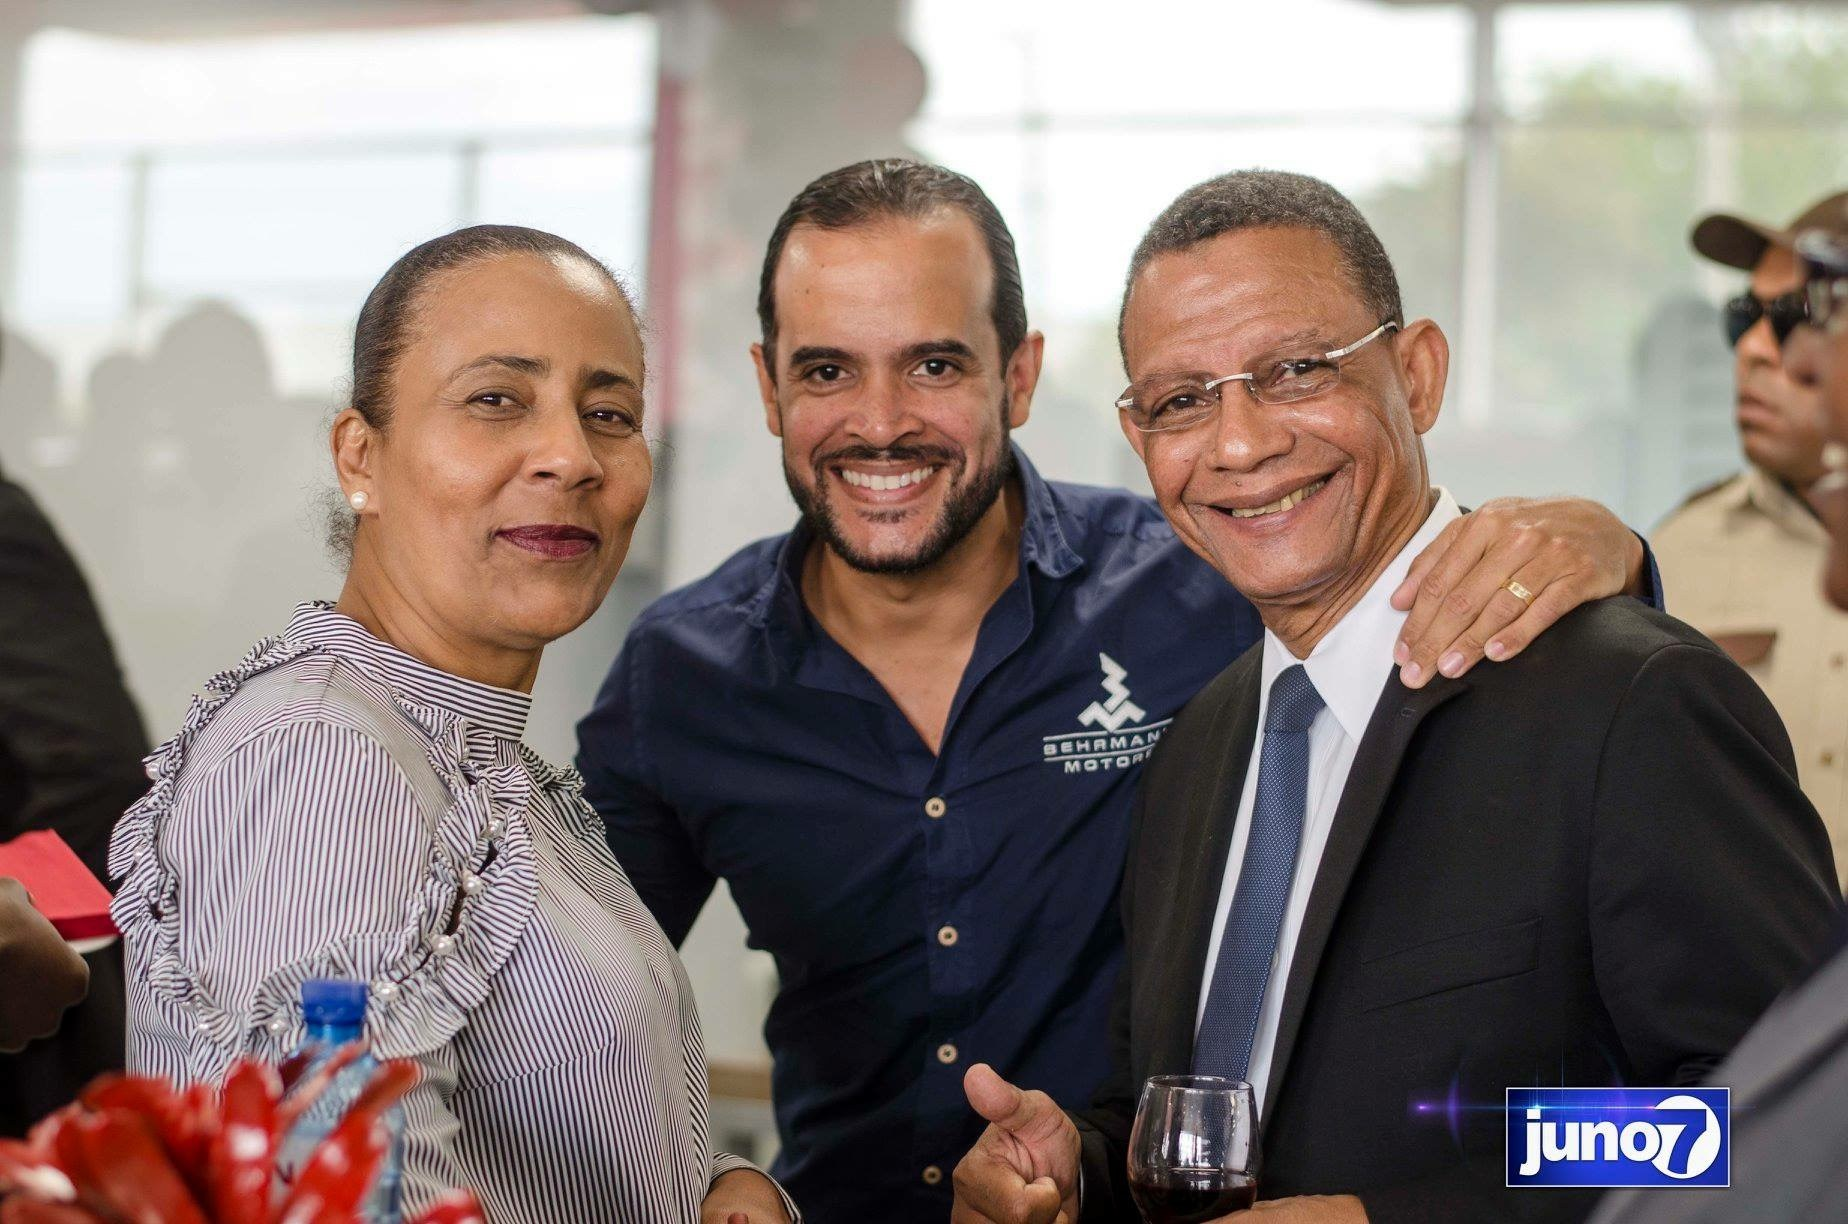 La Nissan Universal Motors inaugure le plus grand showroom de la caraïbe et de l'Amérique latine 49